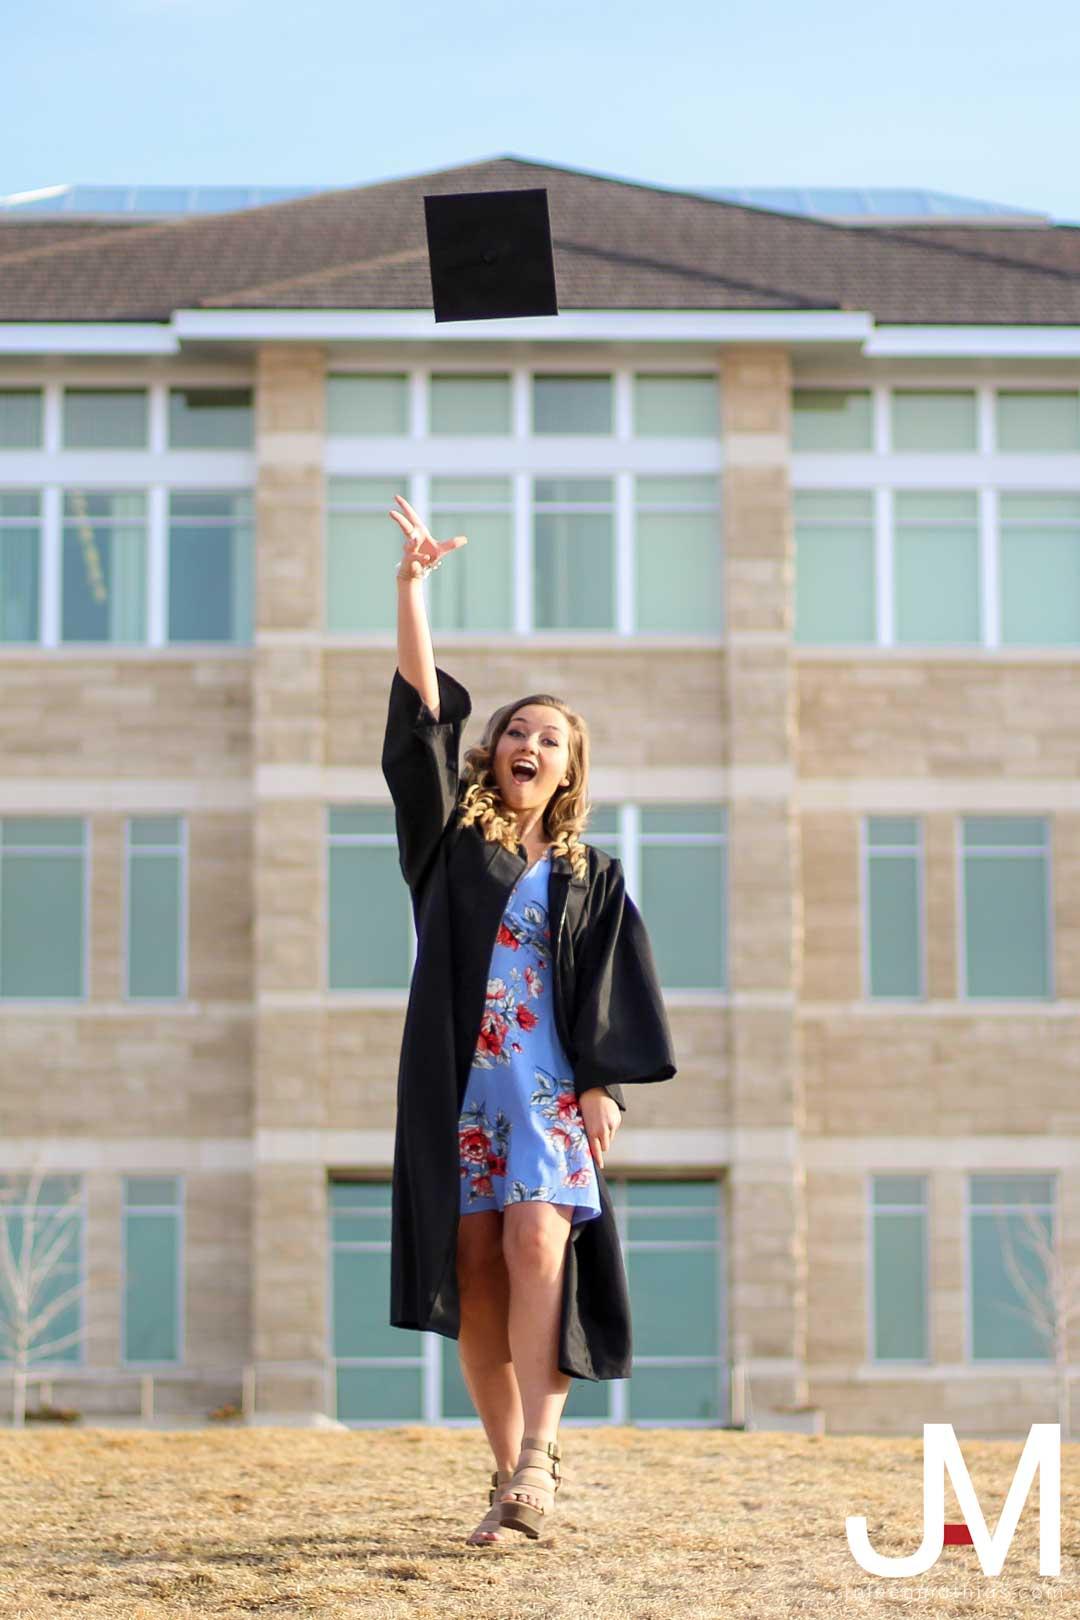 tossing graduation cap